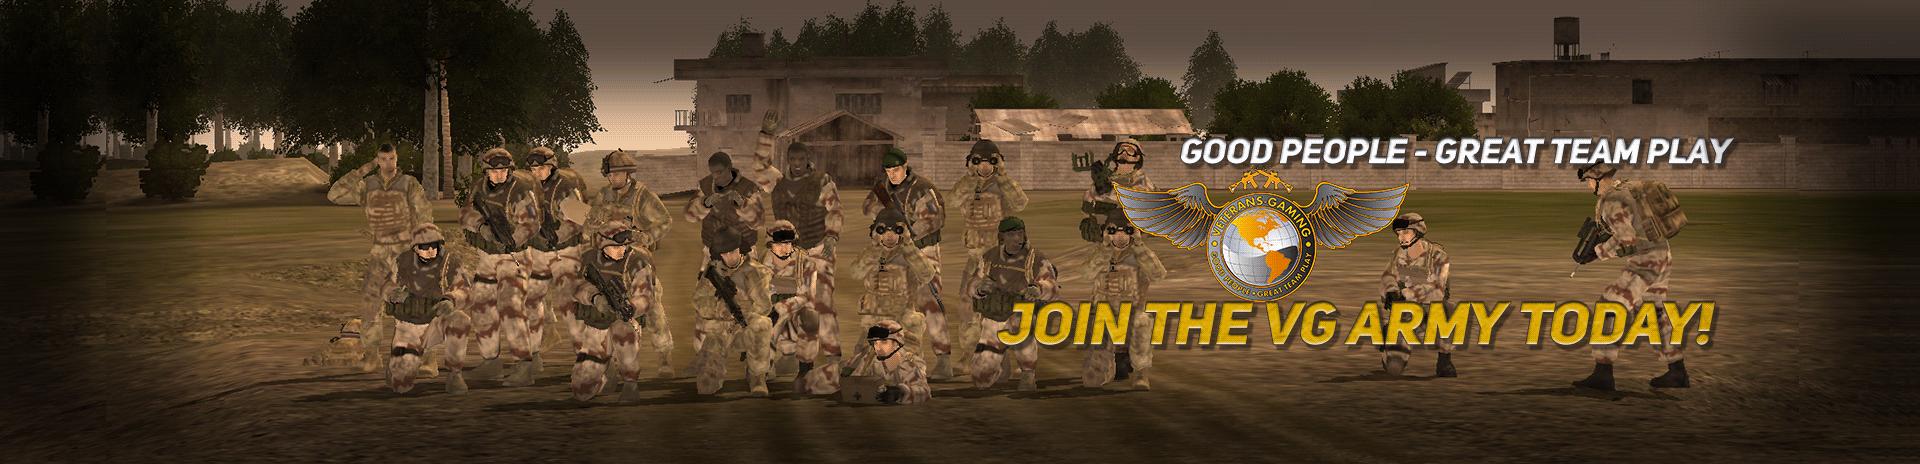 VG Army